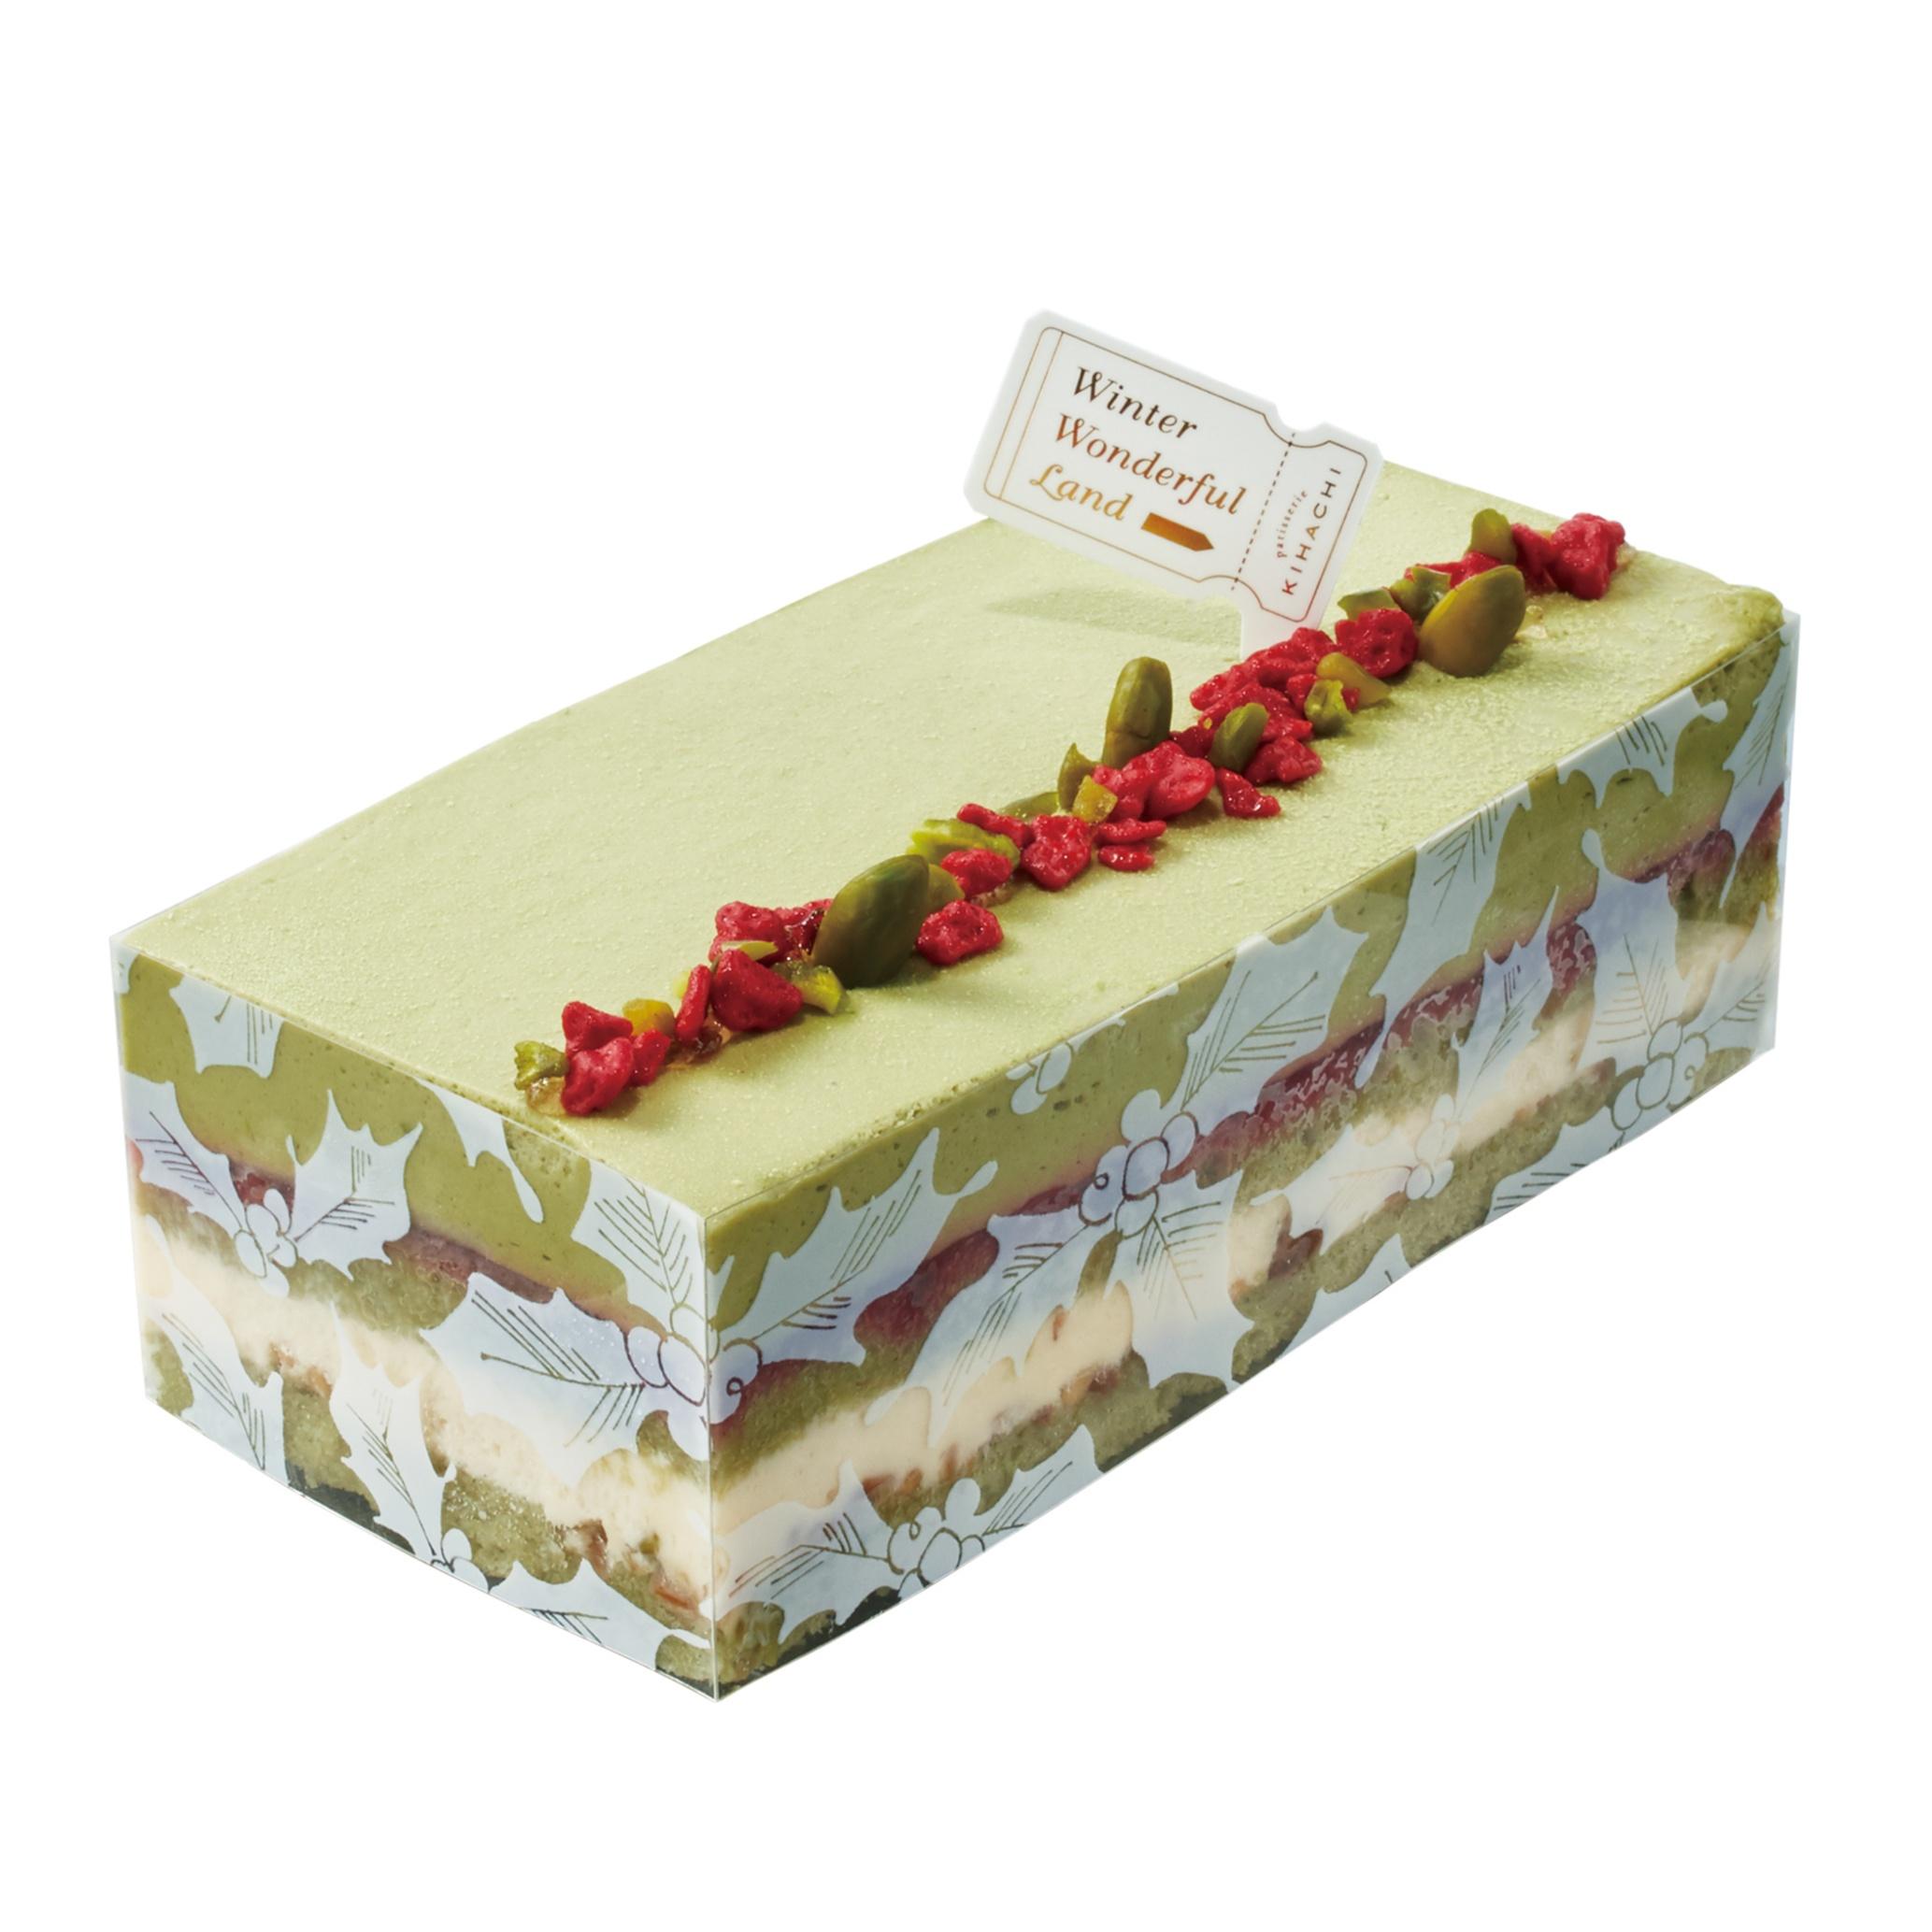 毎年おなじみのBOX型ケーキが今年も♡ 『パティスリー キハチ』のクリスマスケーキ、どれにする?【予約受付中&数量限定!】_1_4